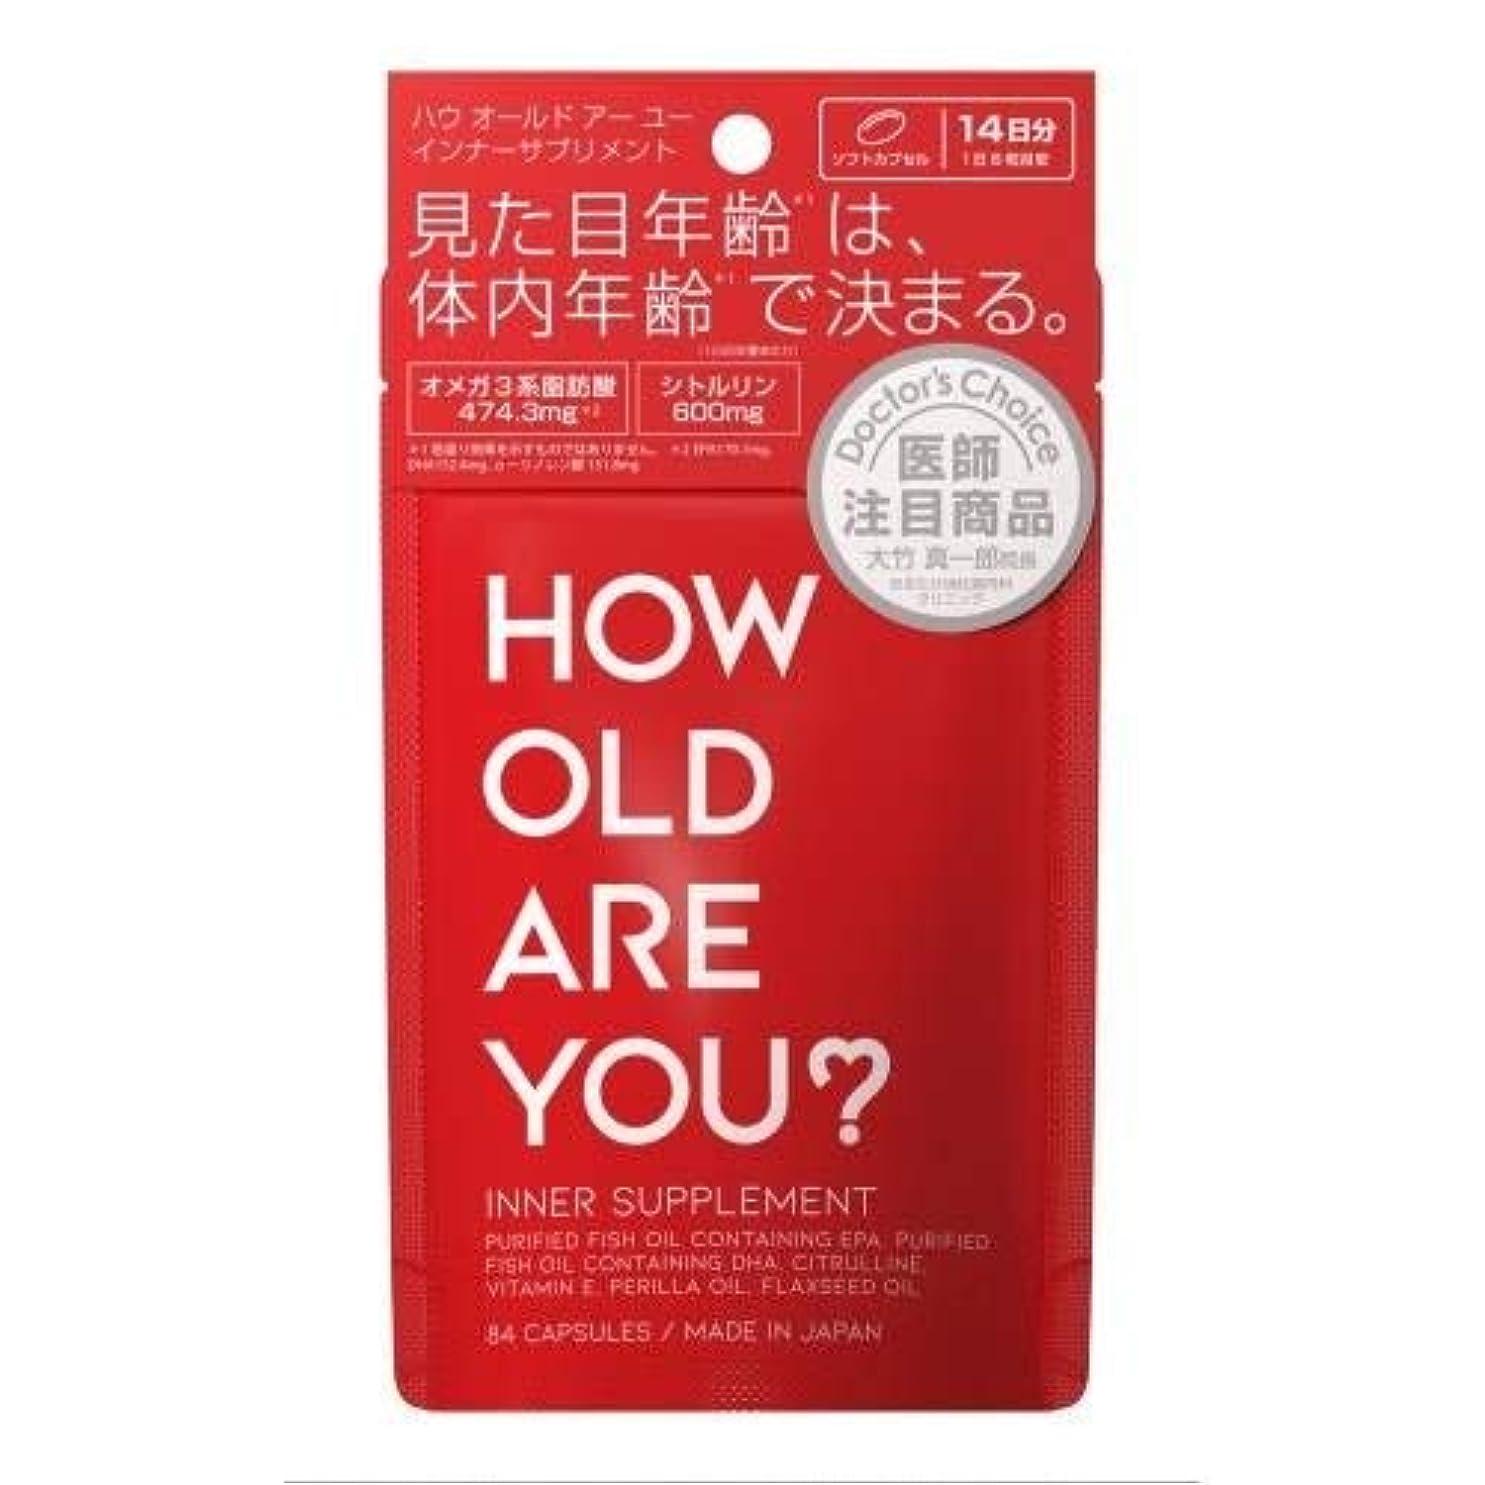 胴体使役目的【6個セット】HOW OLD ARE YOU?インナーサプリメント 84粒